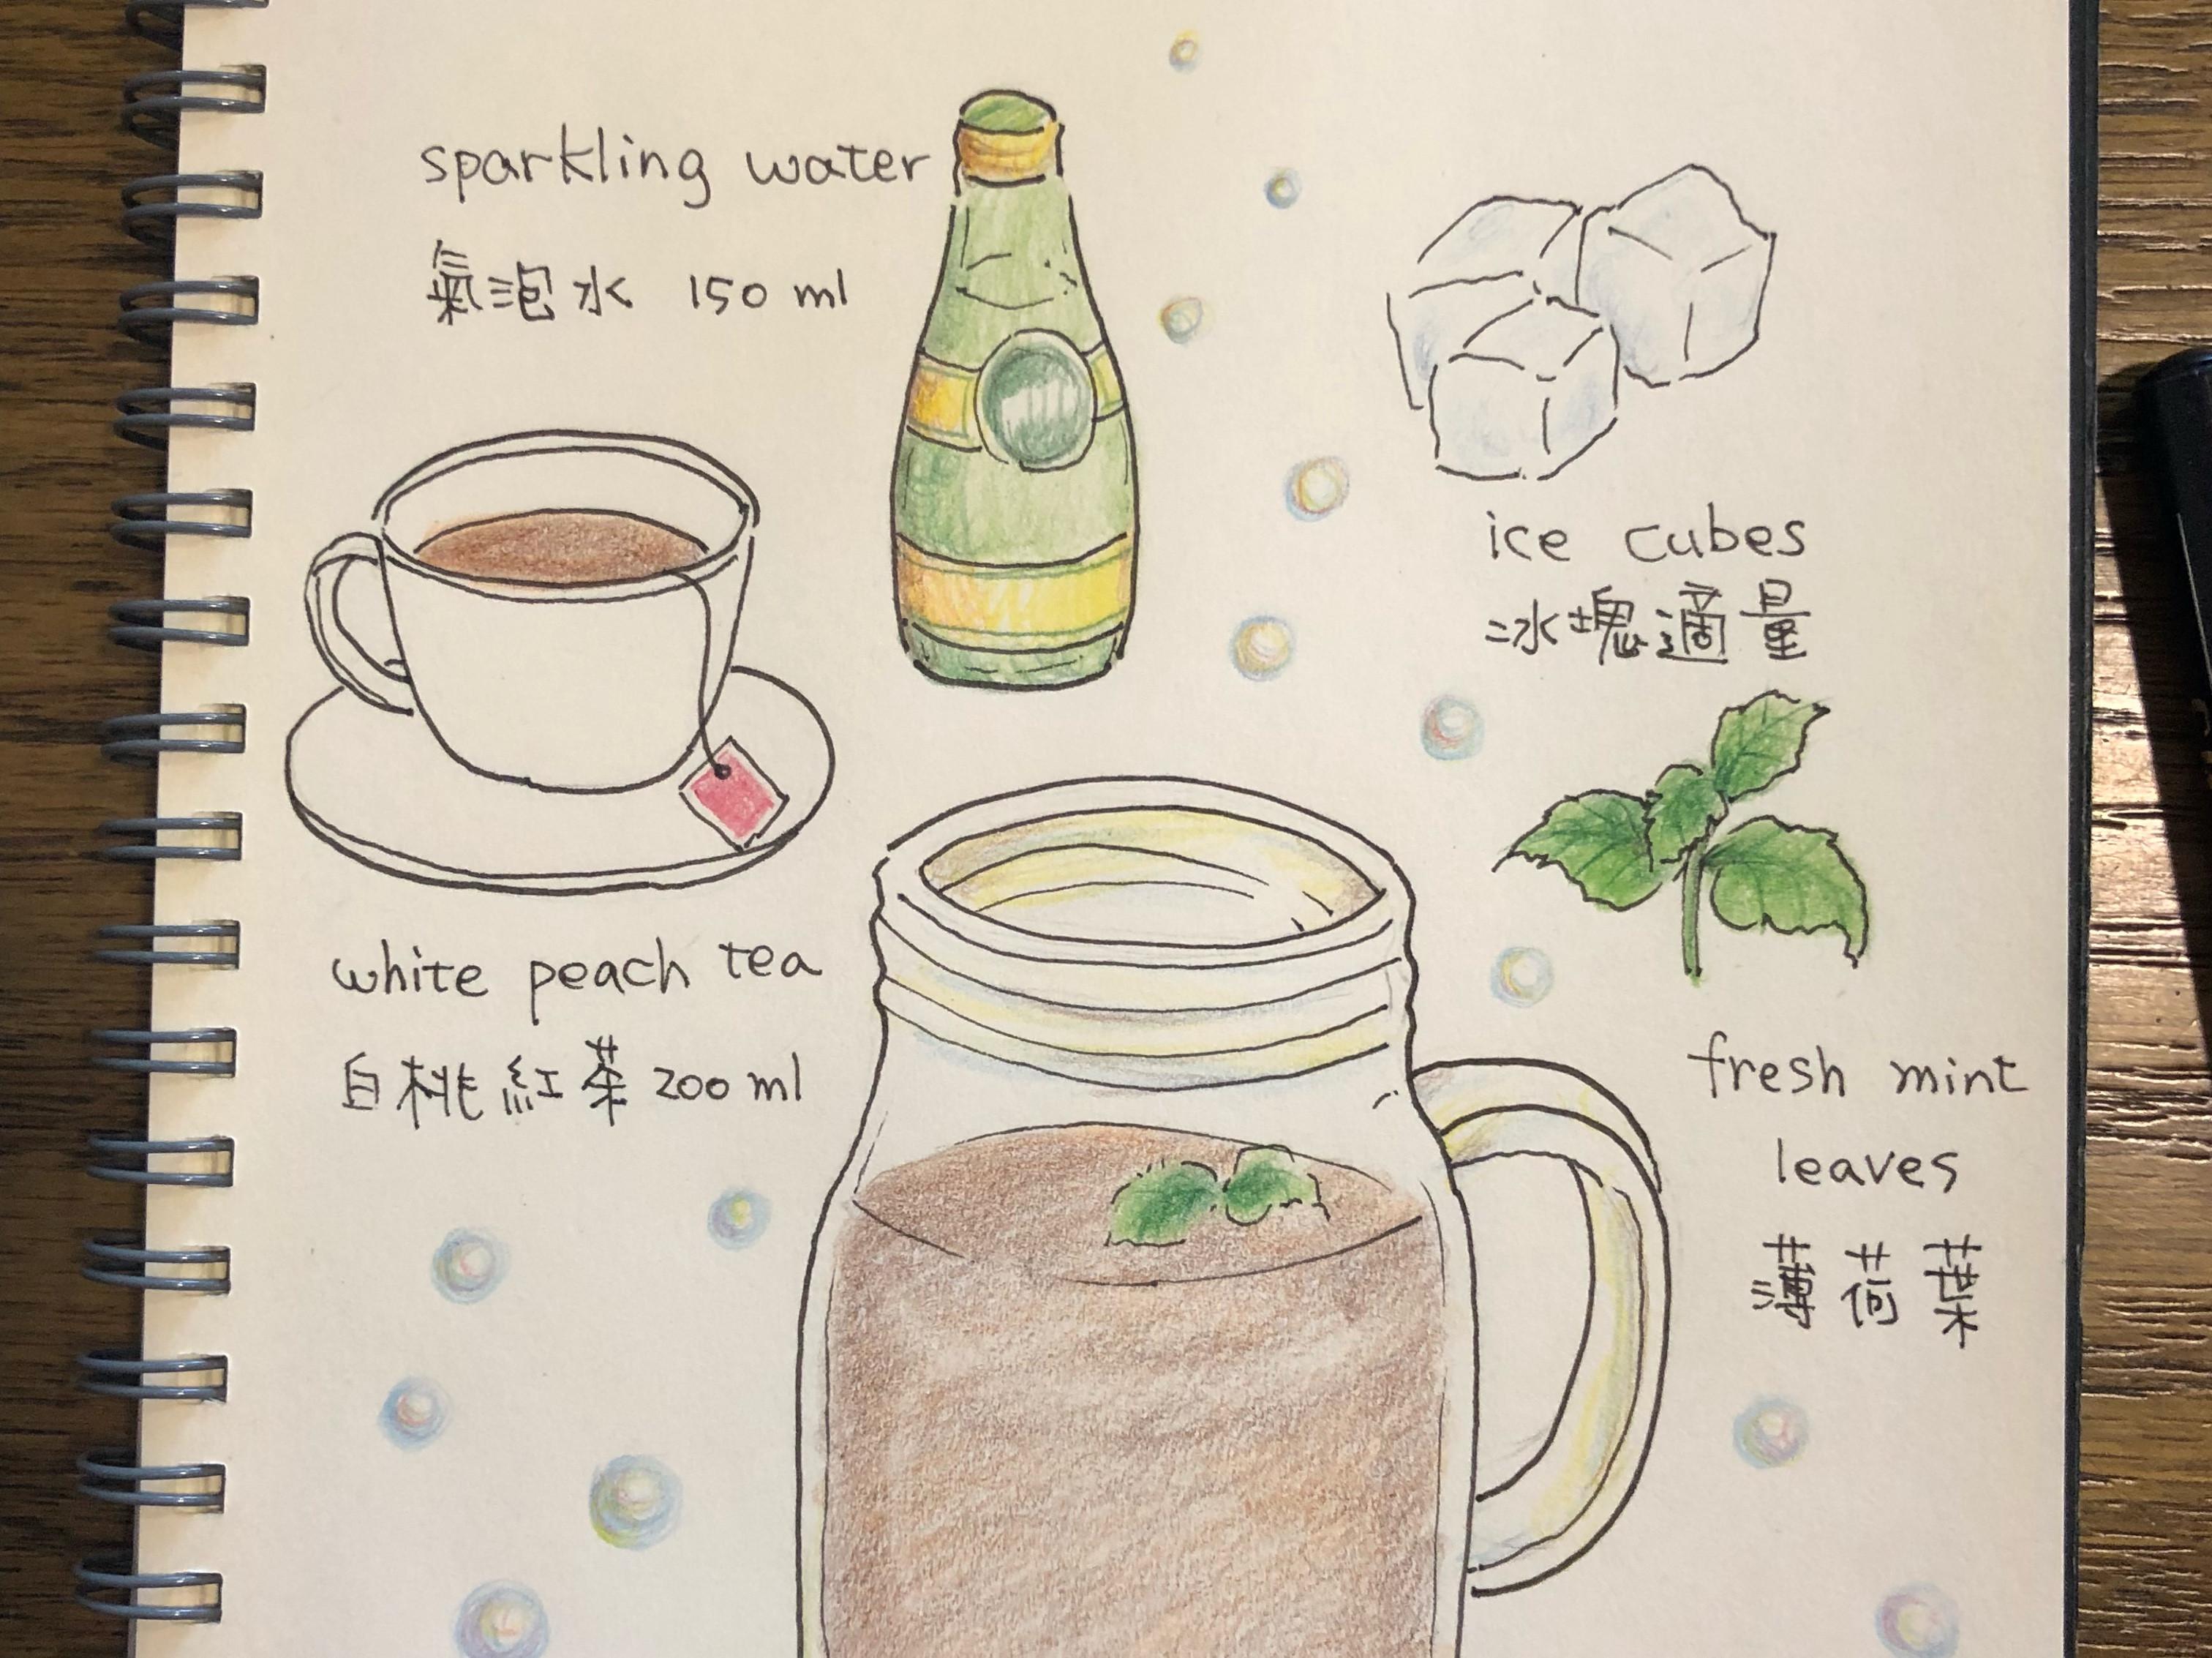 風味氣泡冰茶